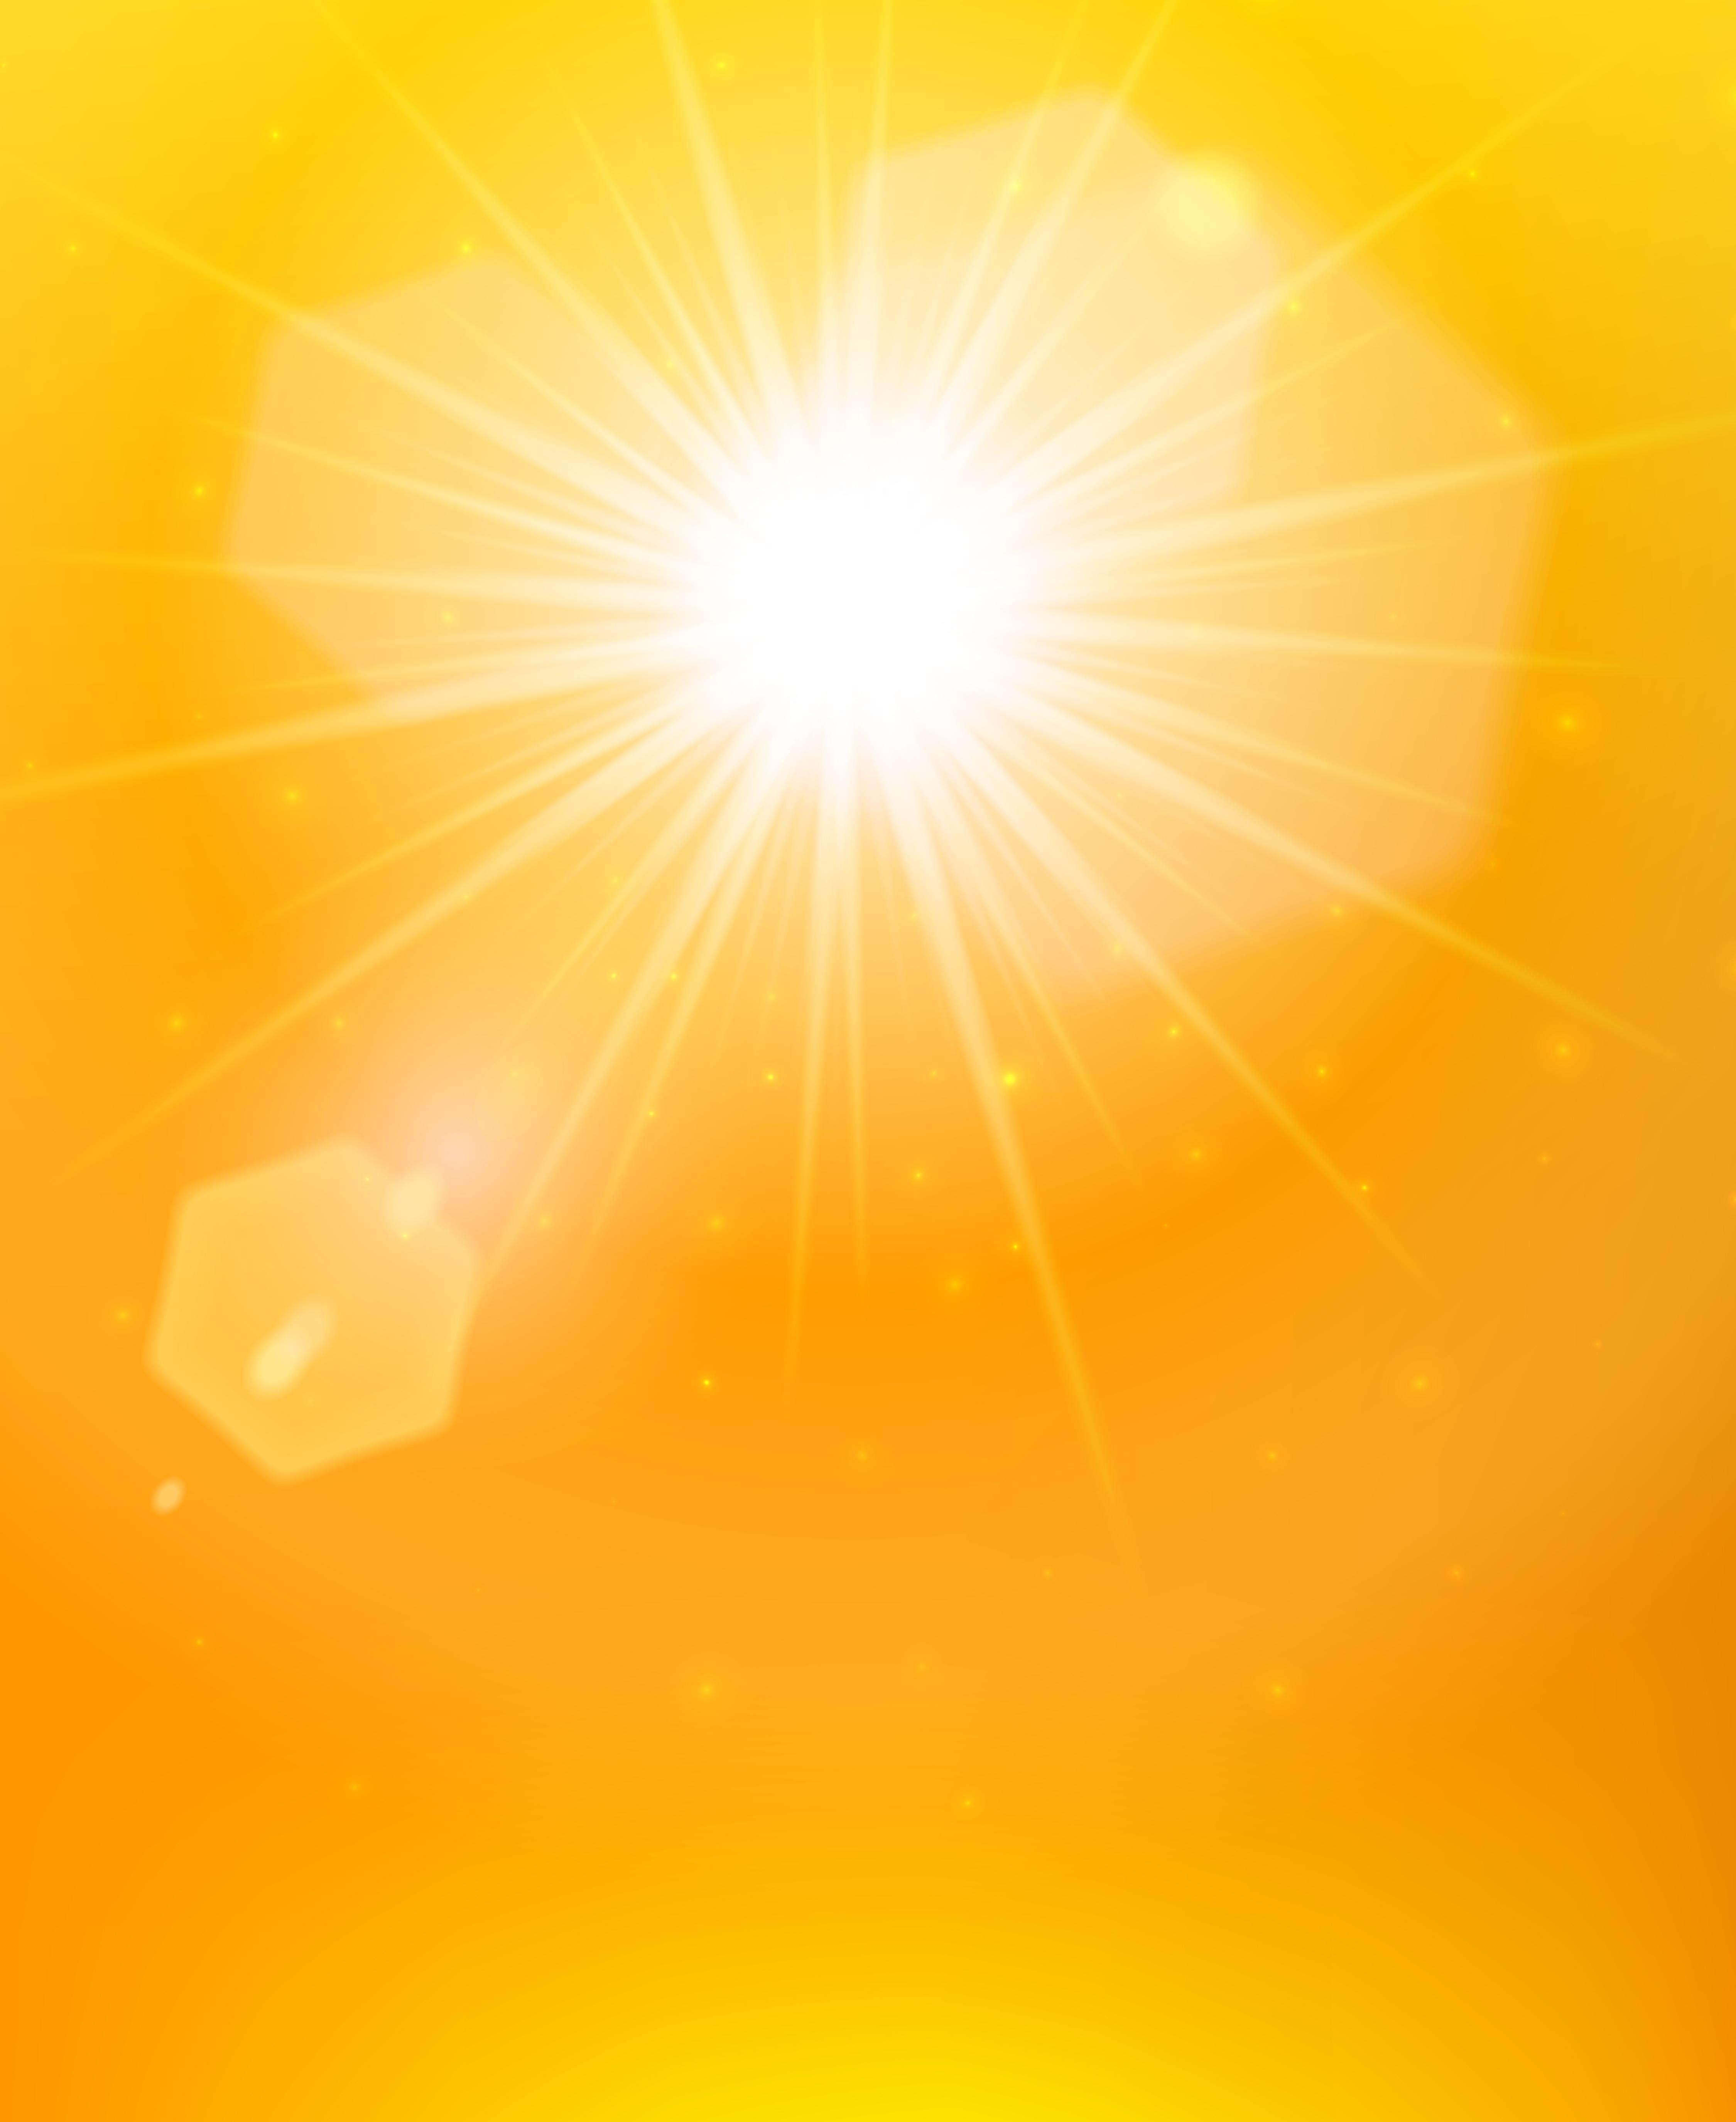 Sunshine Background Orange Poster Download Free Vectors